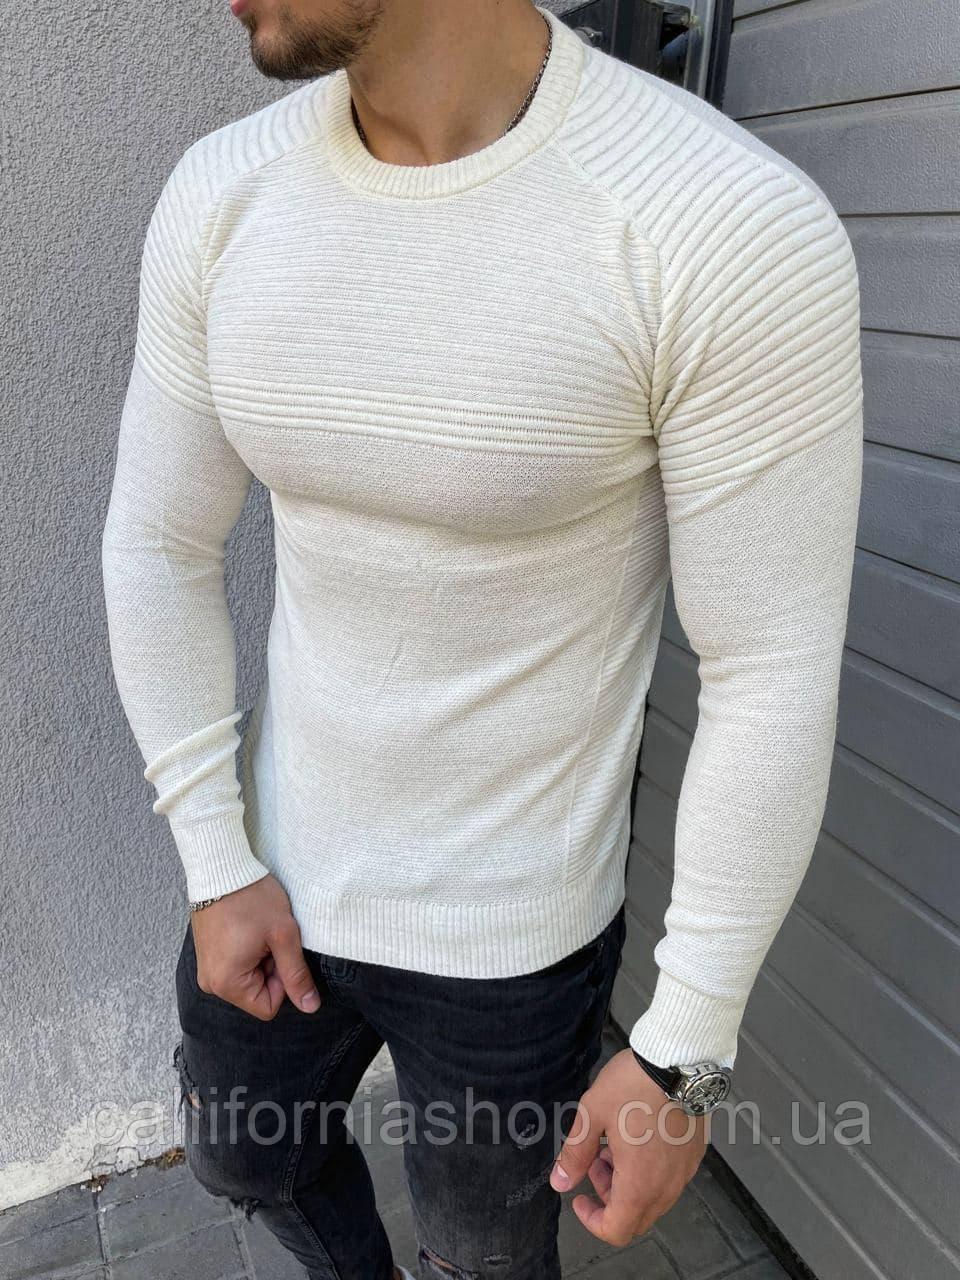 Чоловічий светр білий з круглим вирізом